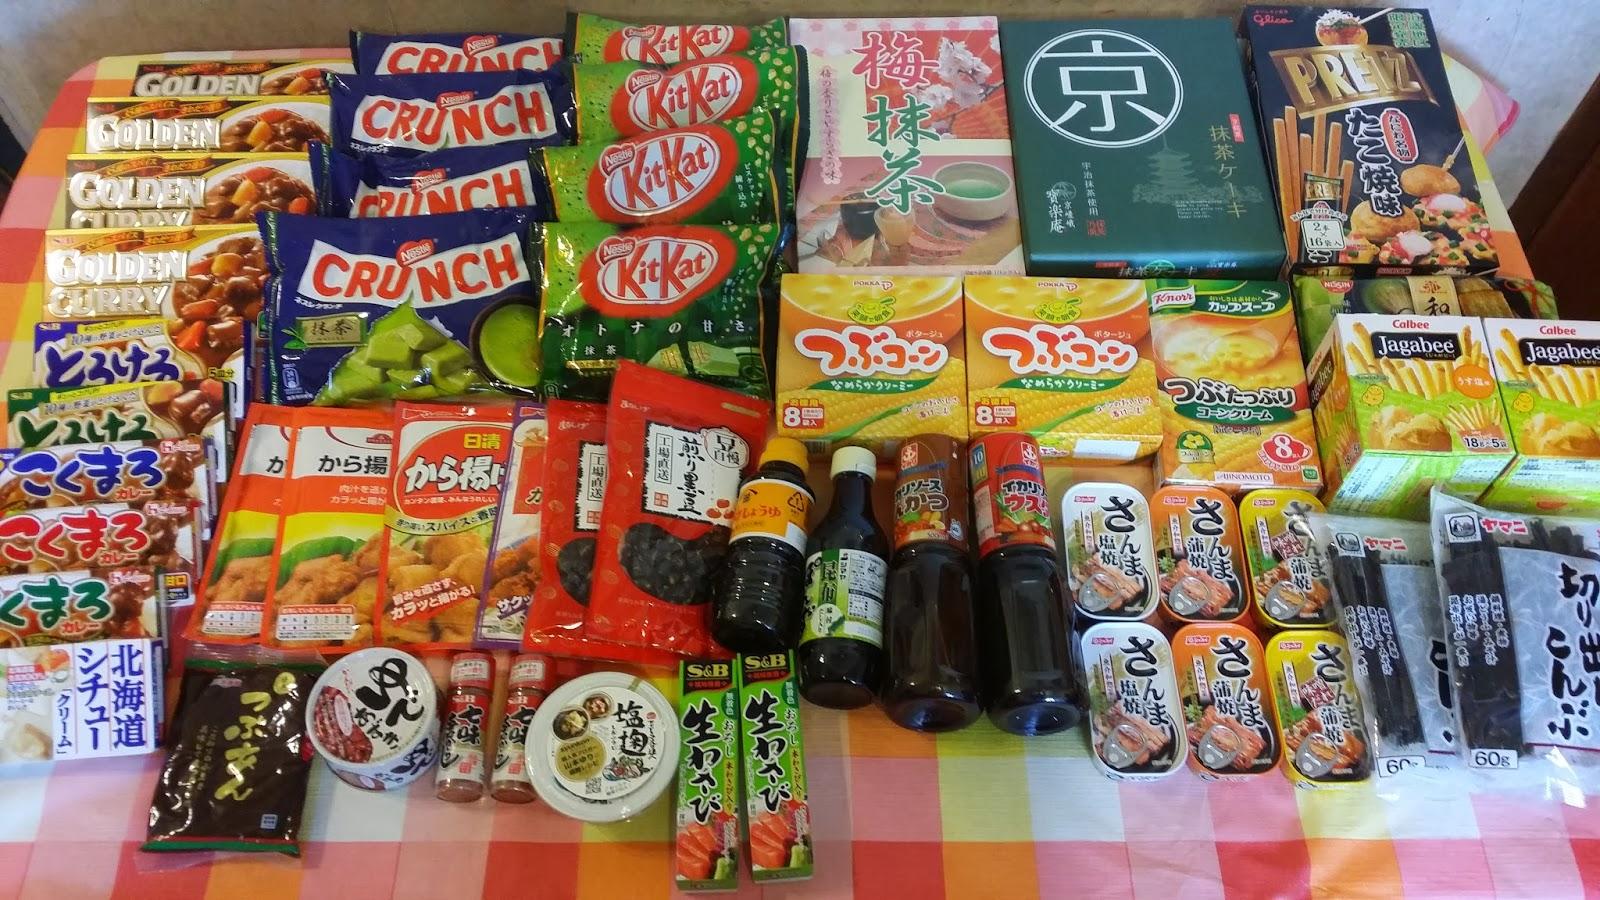 雀后~歡迎!歡迎蒞臨朱家天地!: 2014年日本京都大板之旅~手信篇